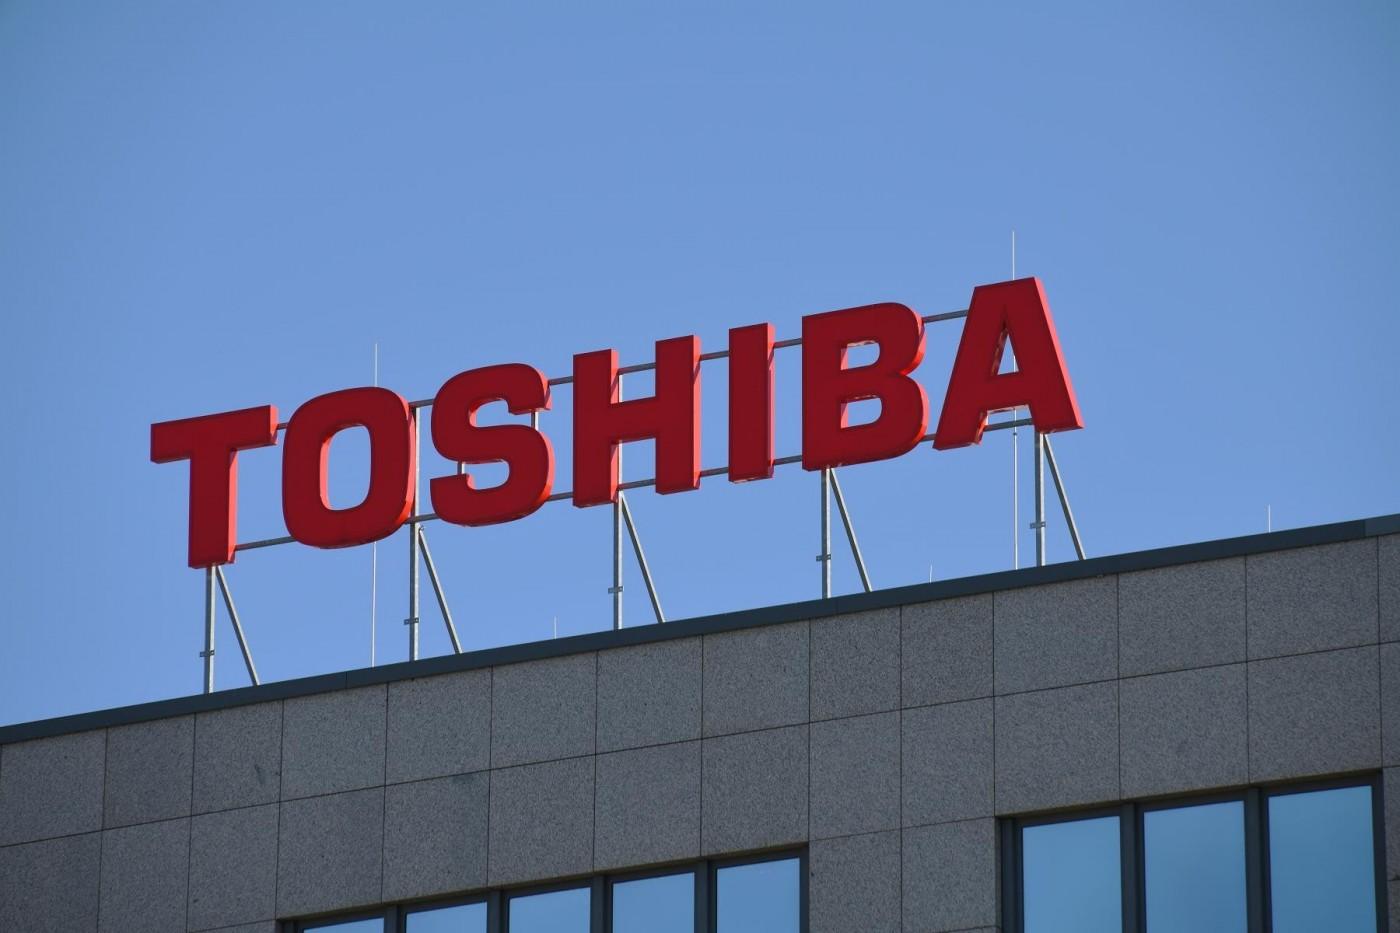 Toshiba全面退出個人電腦市場!曾經的筆電龍頭,為何慘澹謝幕?